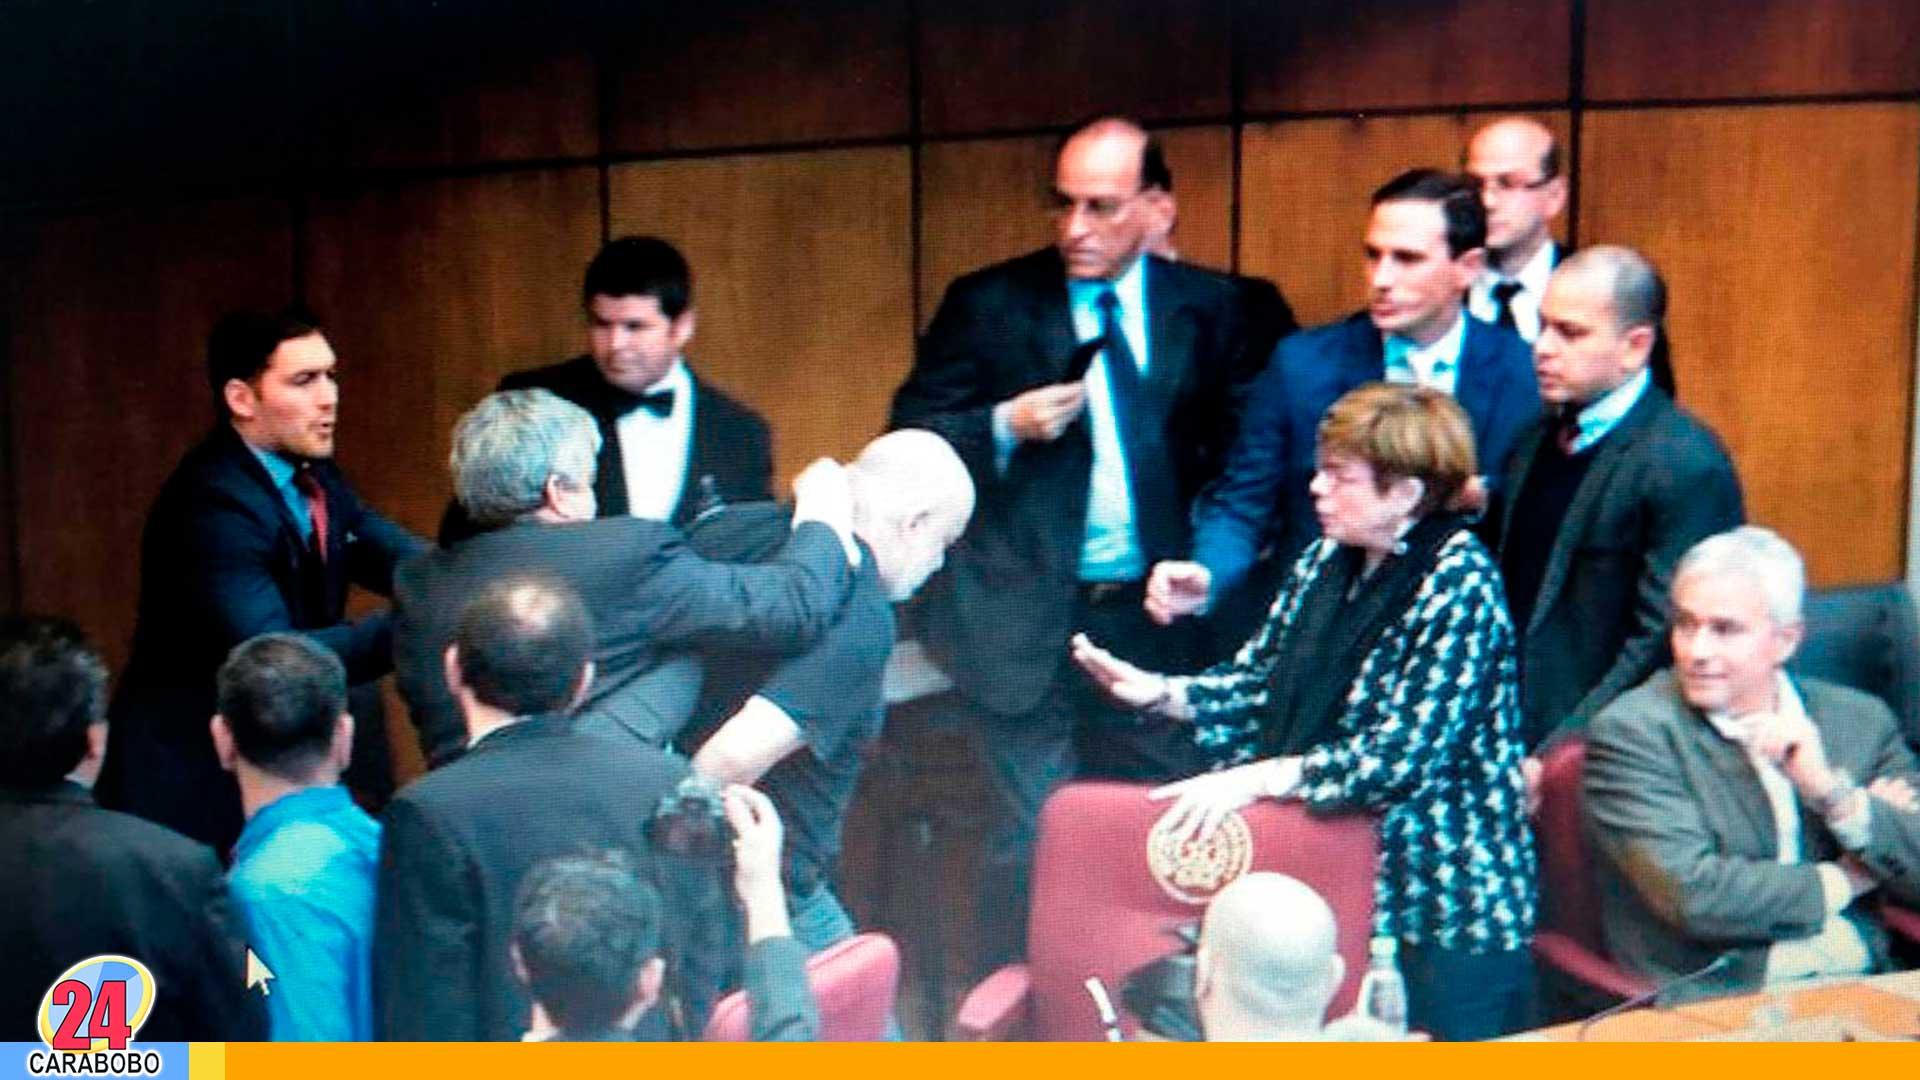 Noticias 24 Carabobo - senado de paraguay